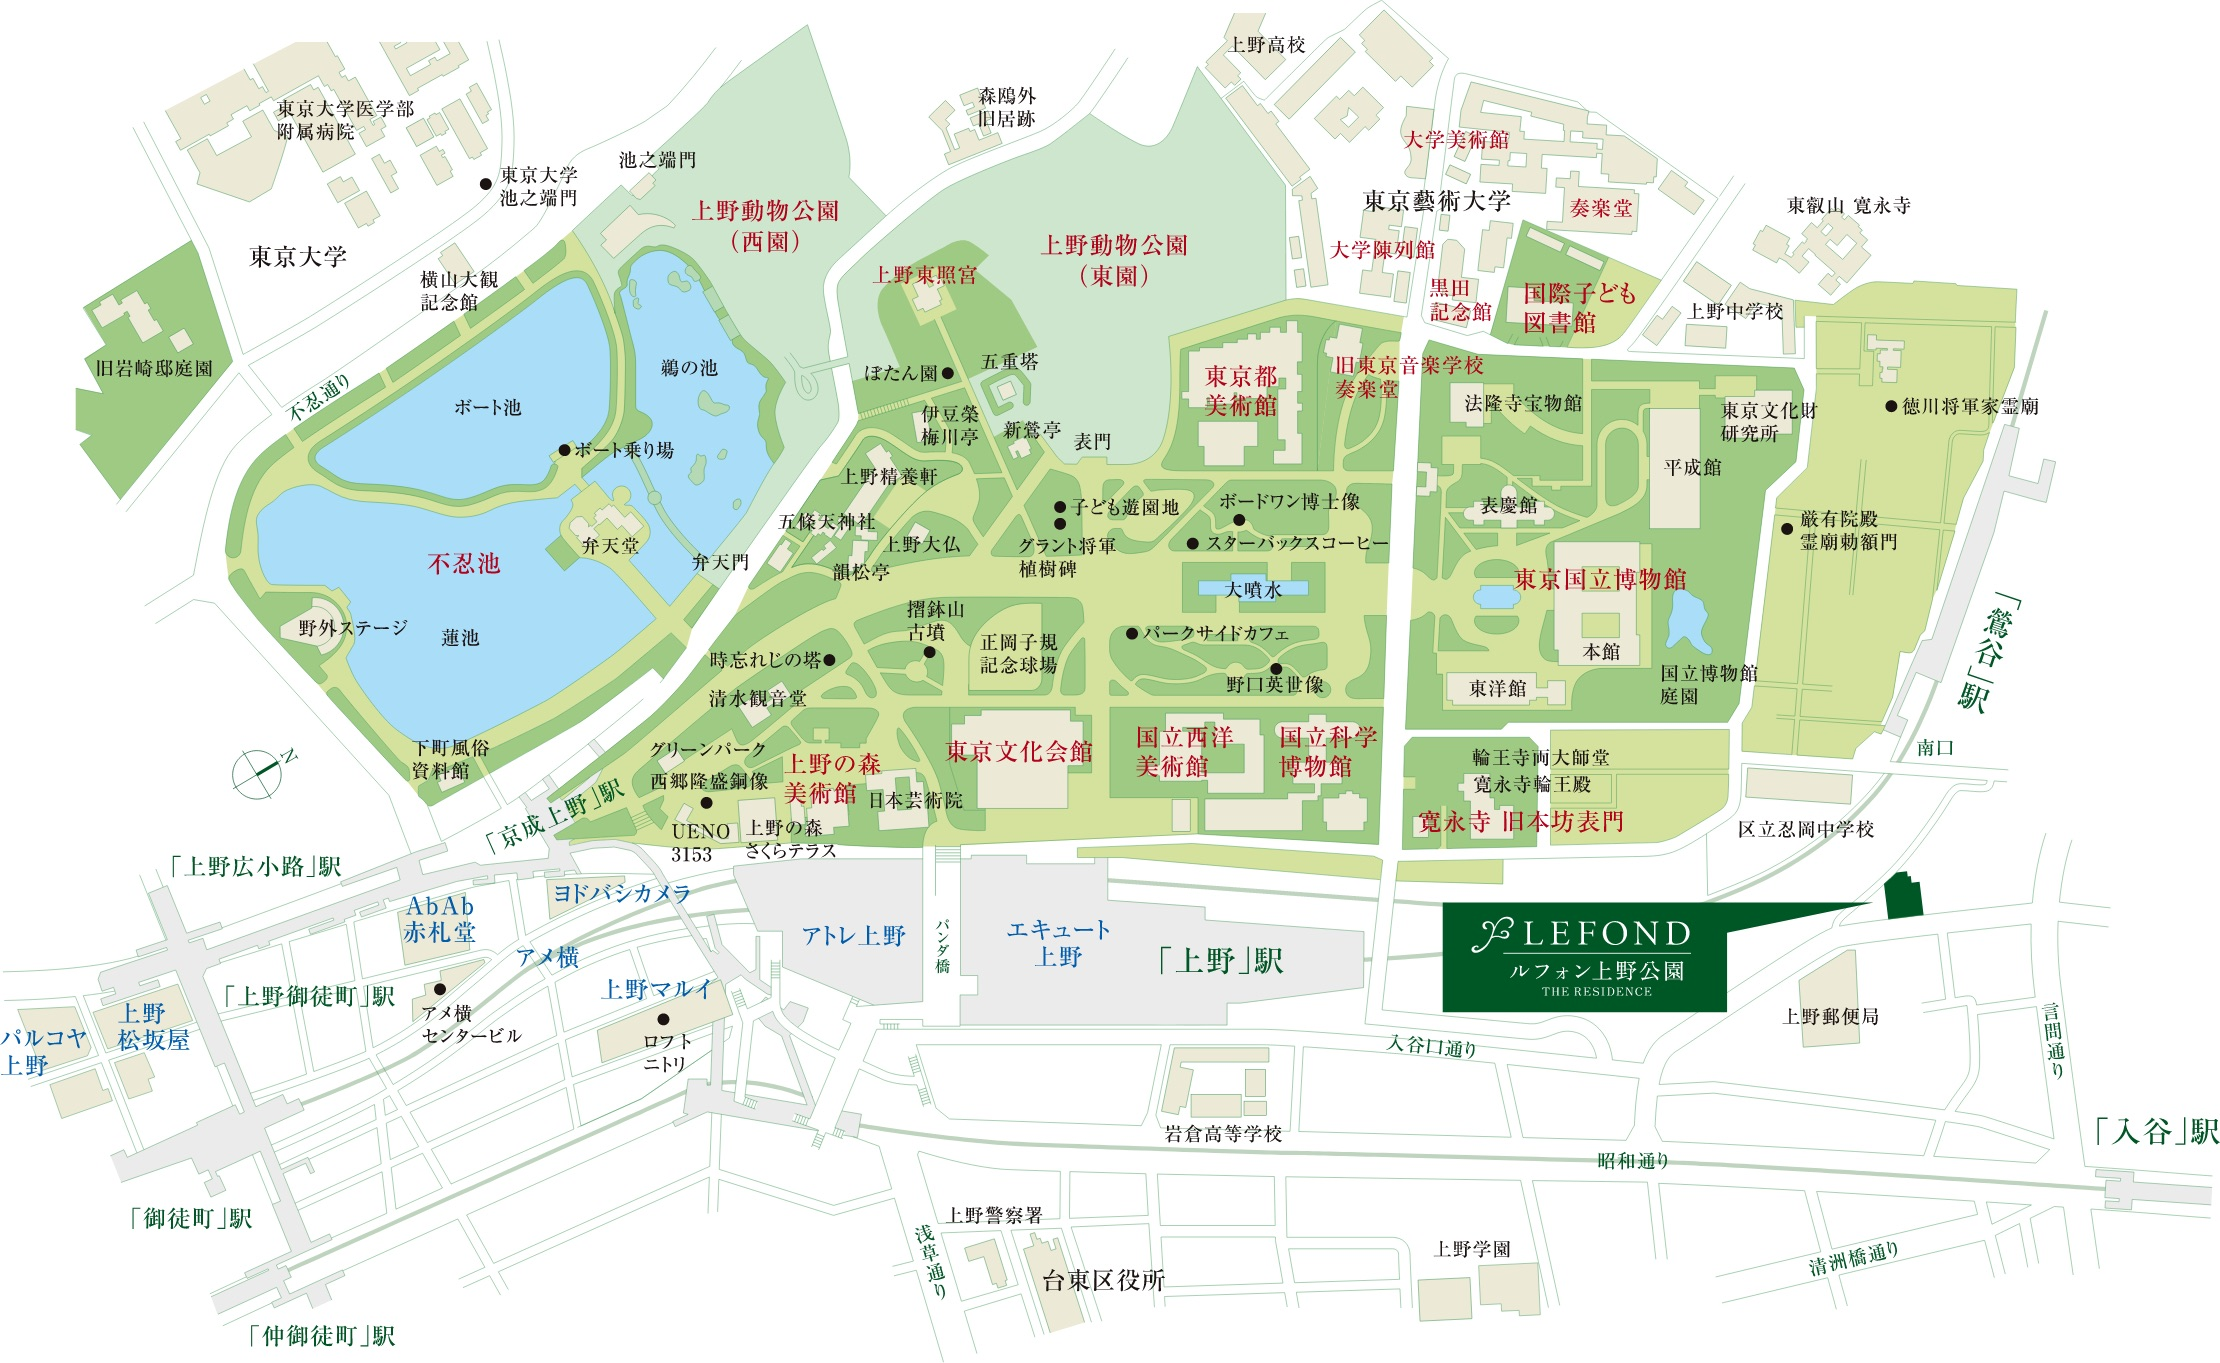 ルフォン上野公園 ザ・レジデンス《価格高騰する上野の「次の駅」という選択》【クリスティーヌ】